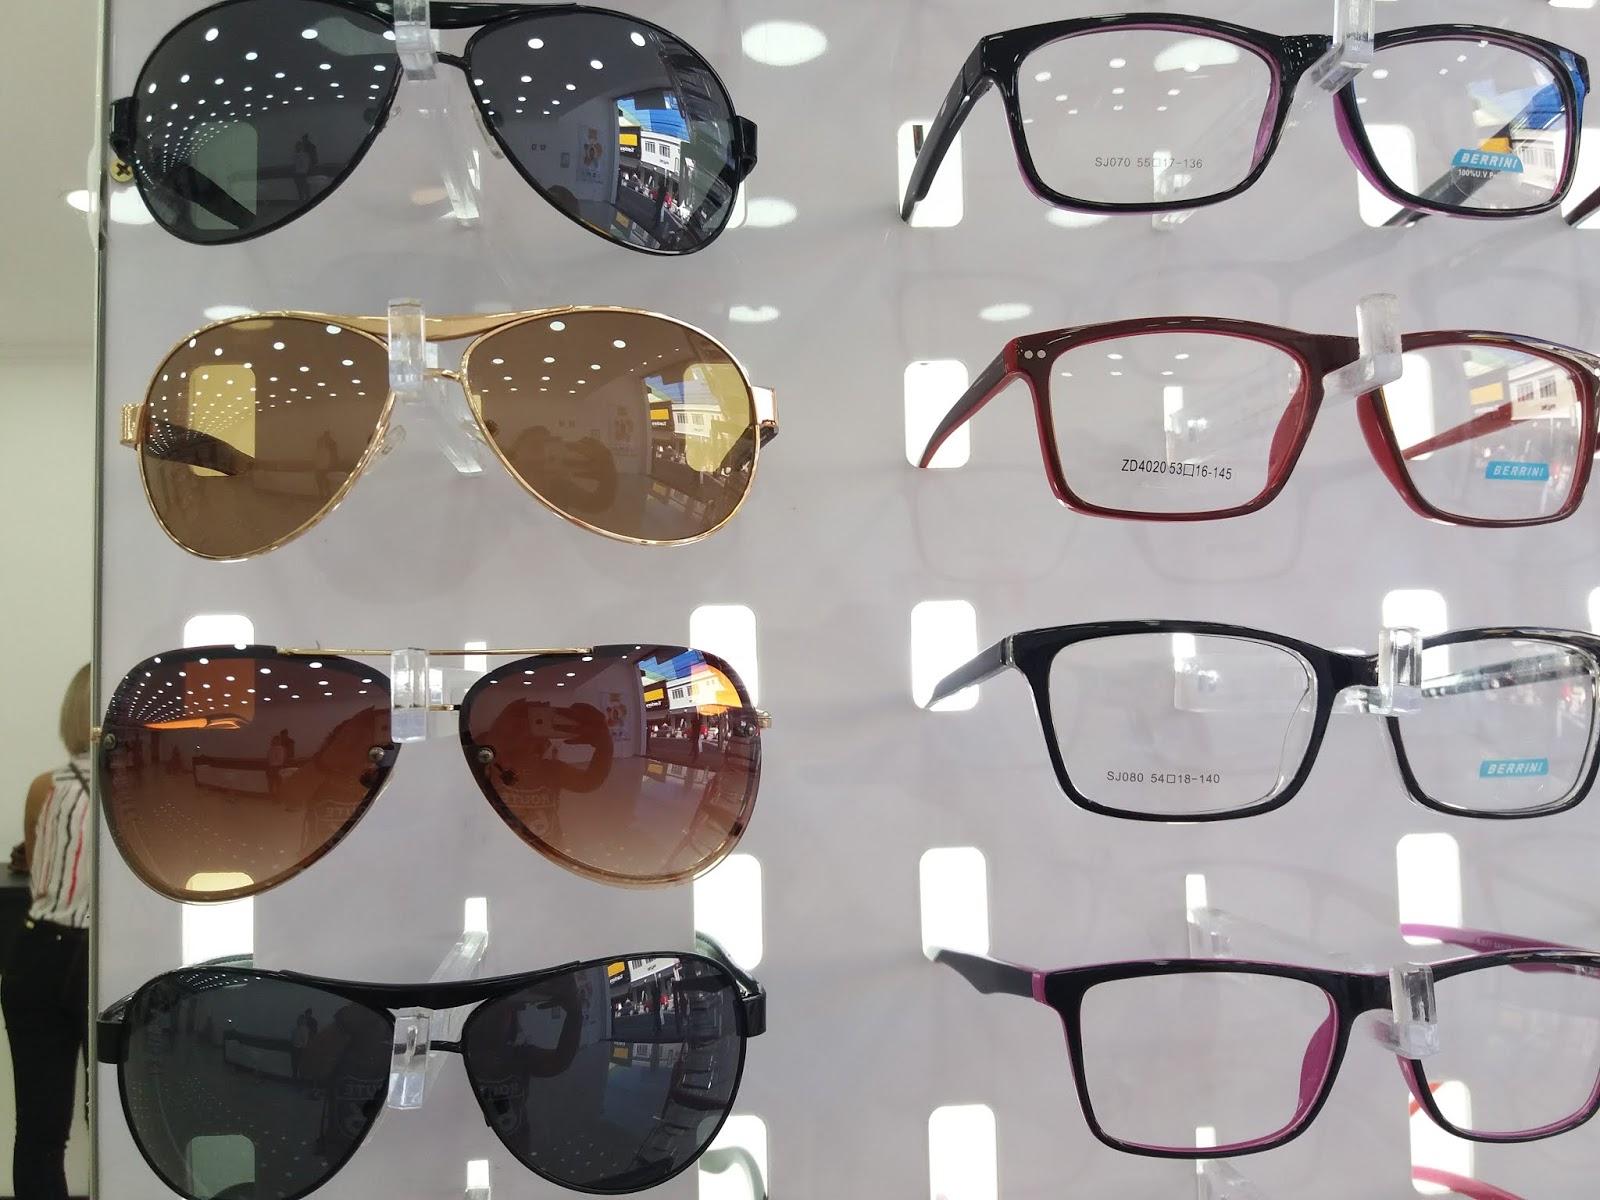 798425224 Também há lindos oculos de sol a partir de R$ 70,00